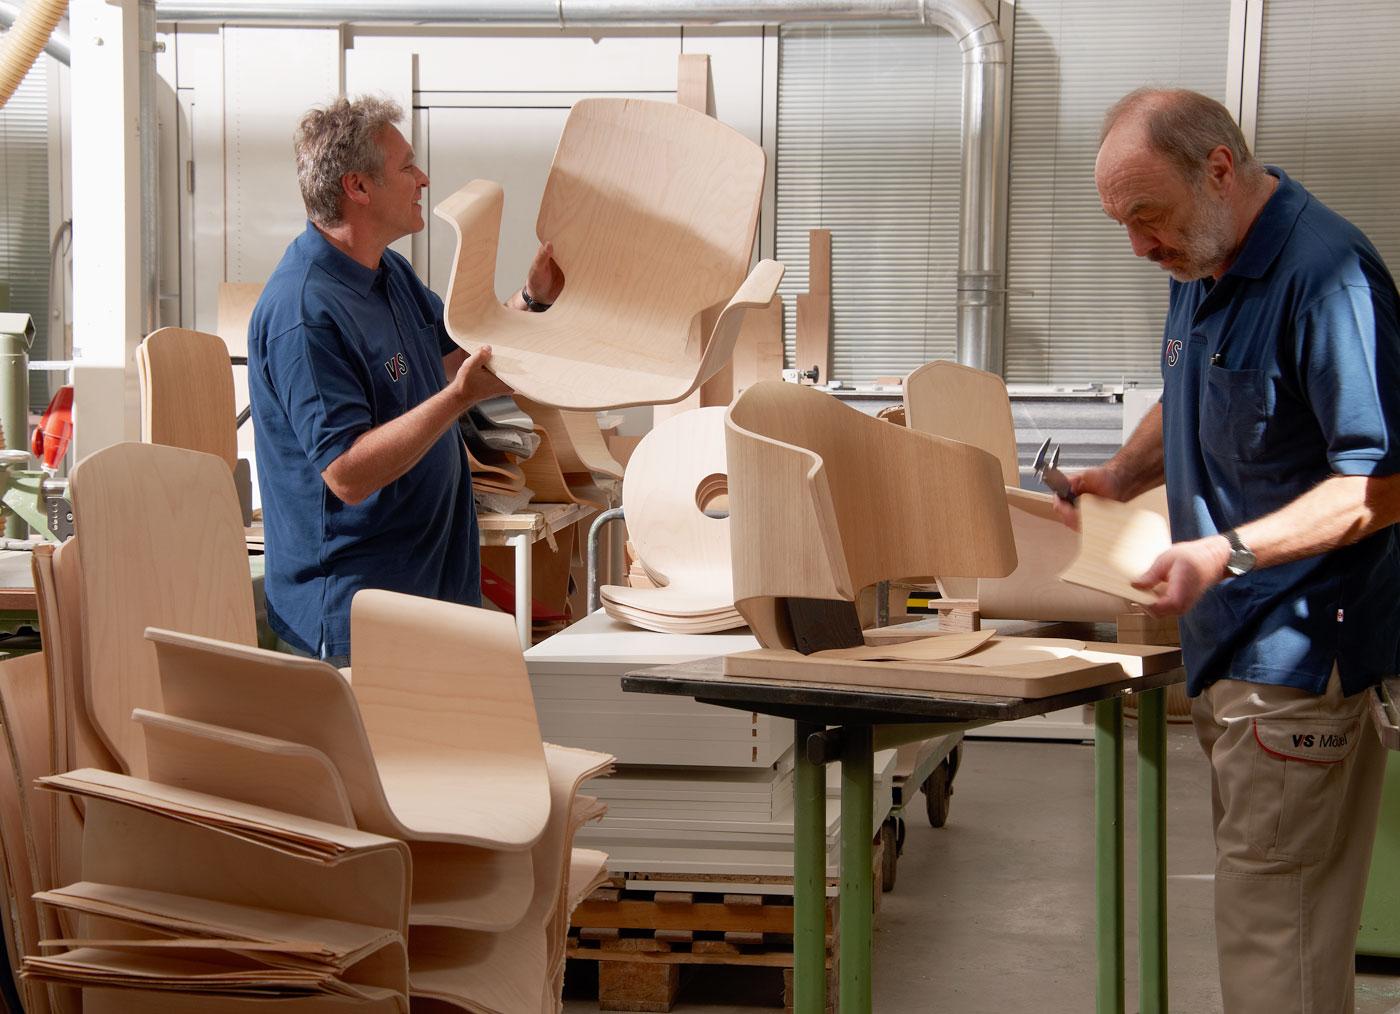 Инструкция за безопасна работа при повърхностна обработка на мебели